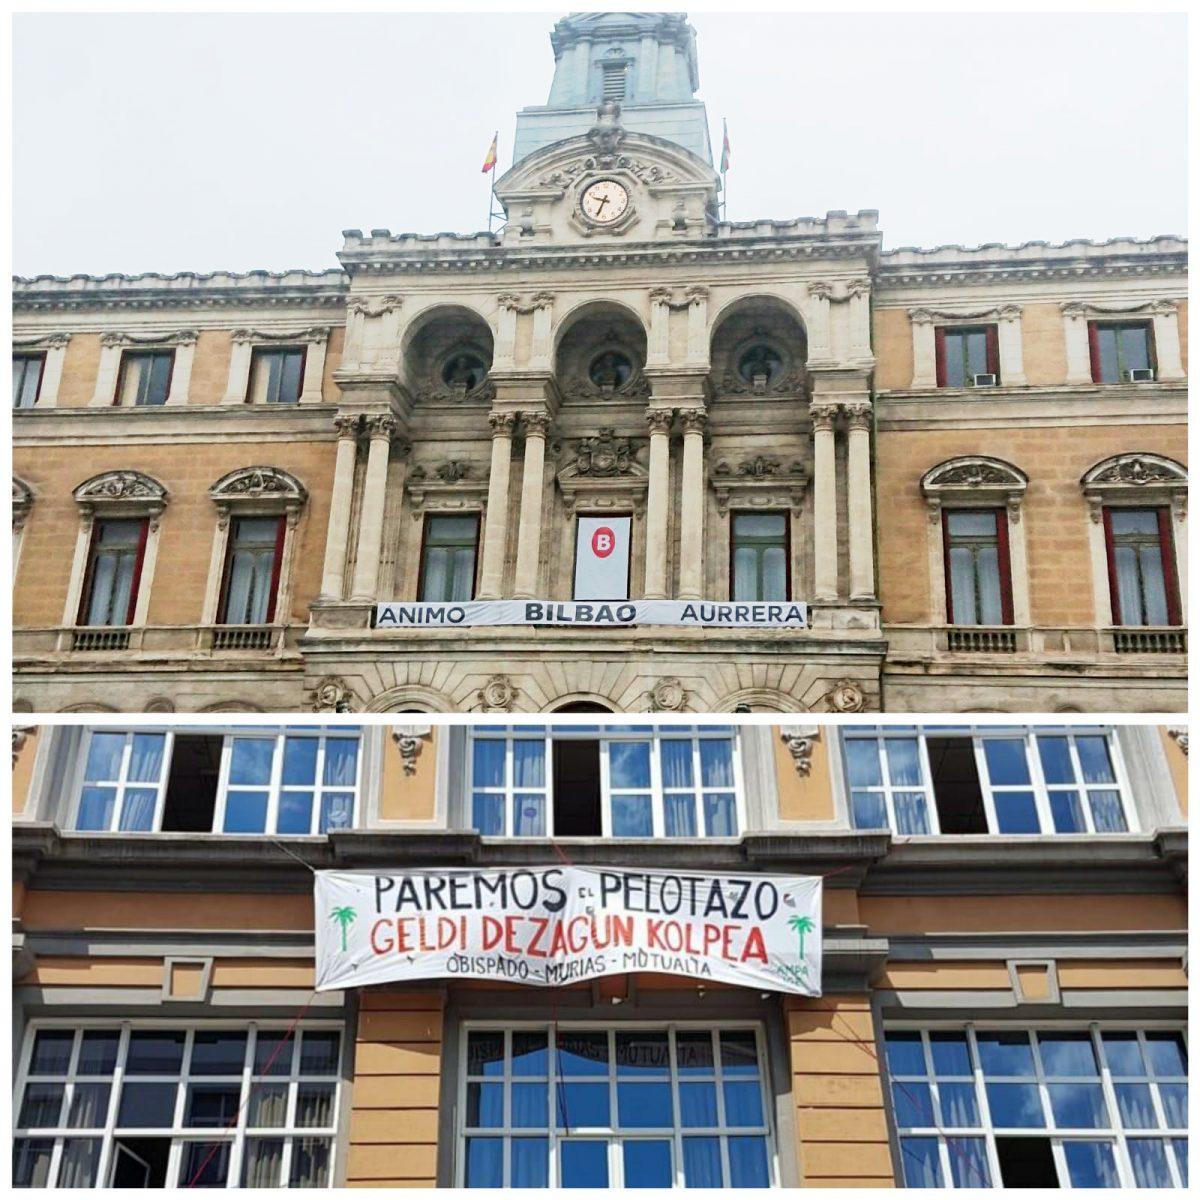 Pancarta en el edificio del ayuntamiento de Bilbao (arriba) y pancarta que no quieren que veas en la fachada de colegio Cervantes (abajo).